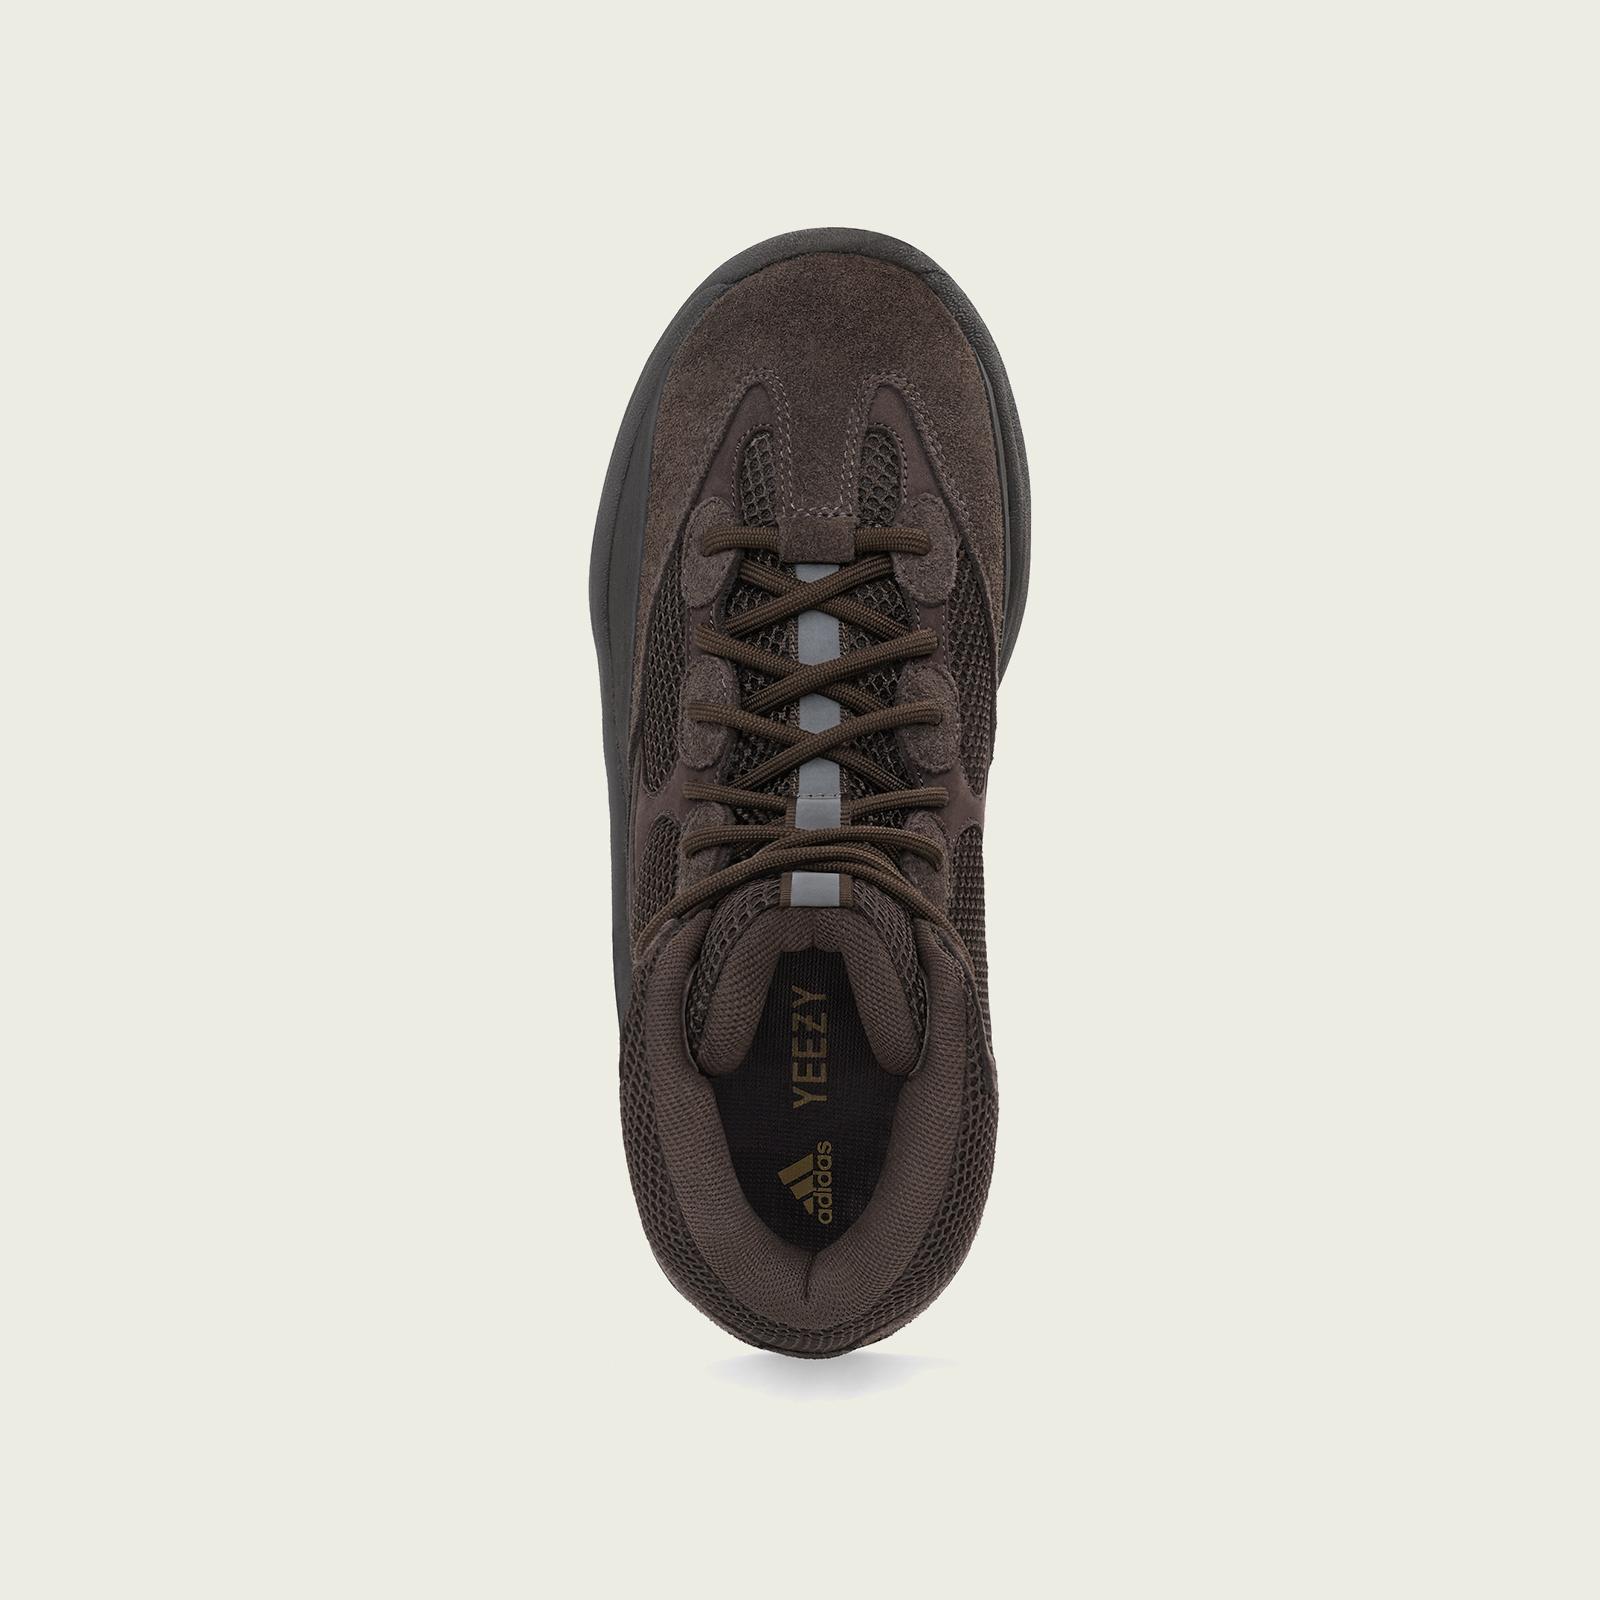 04-adidas-yeezy-desert-boot-oil-eg6463